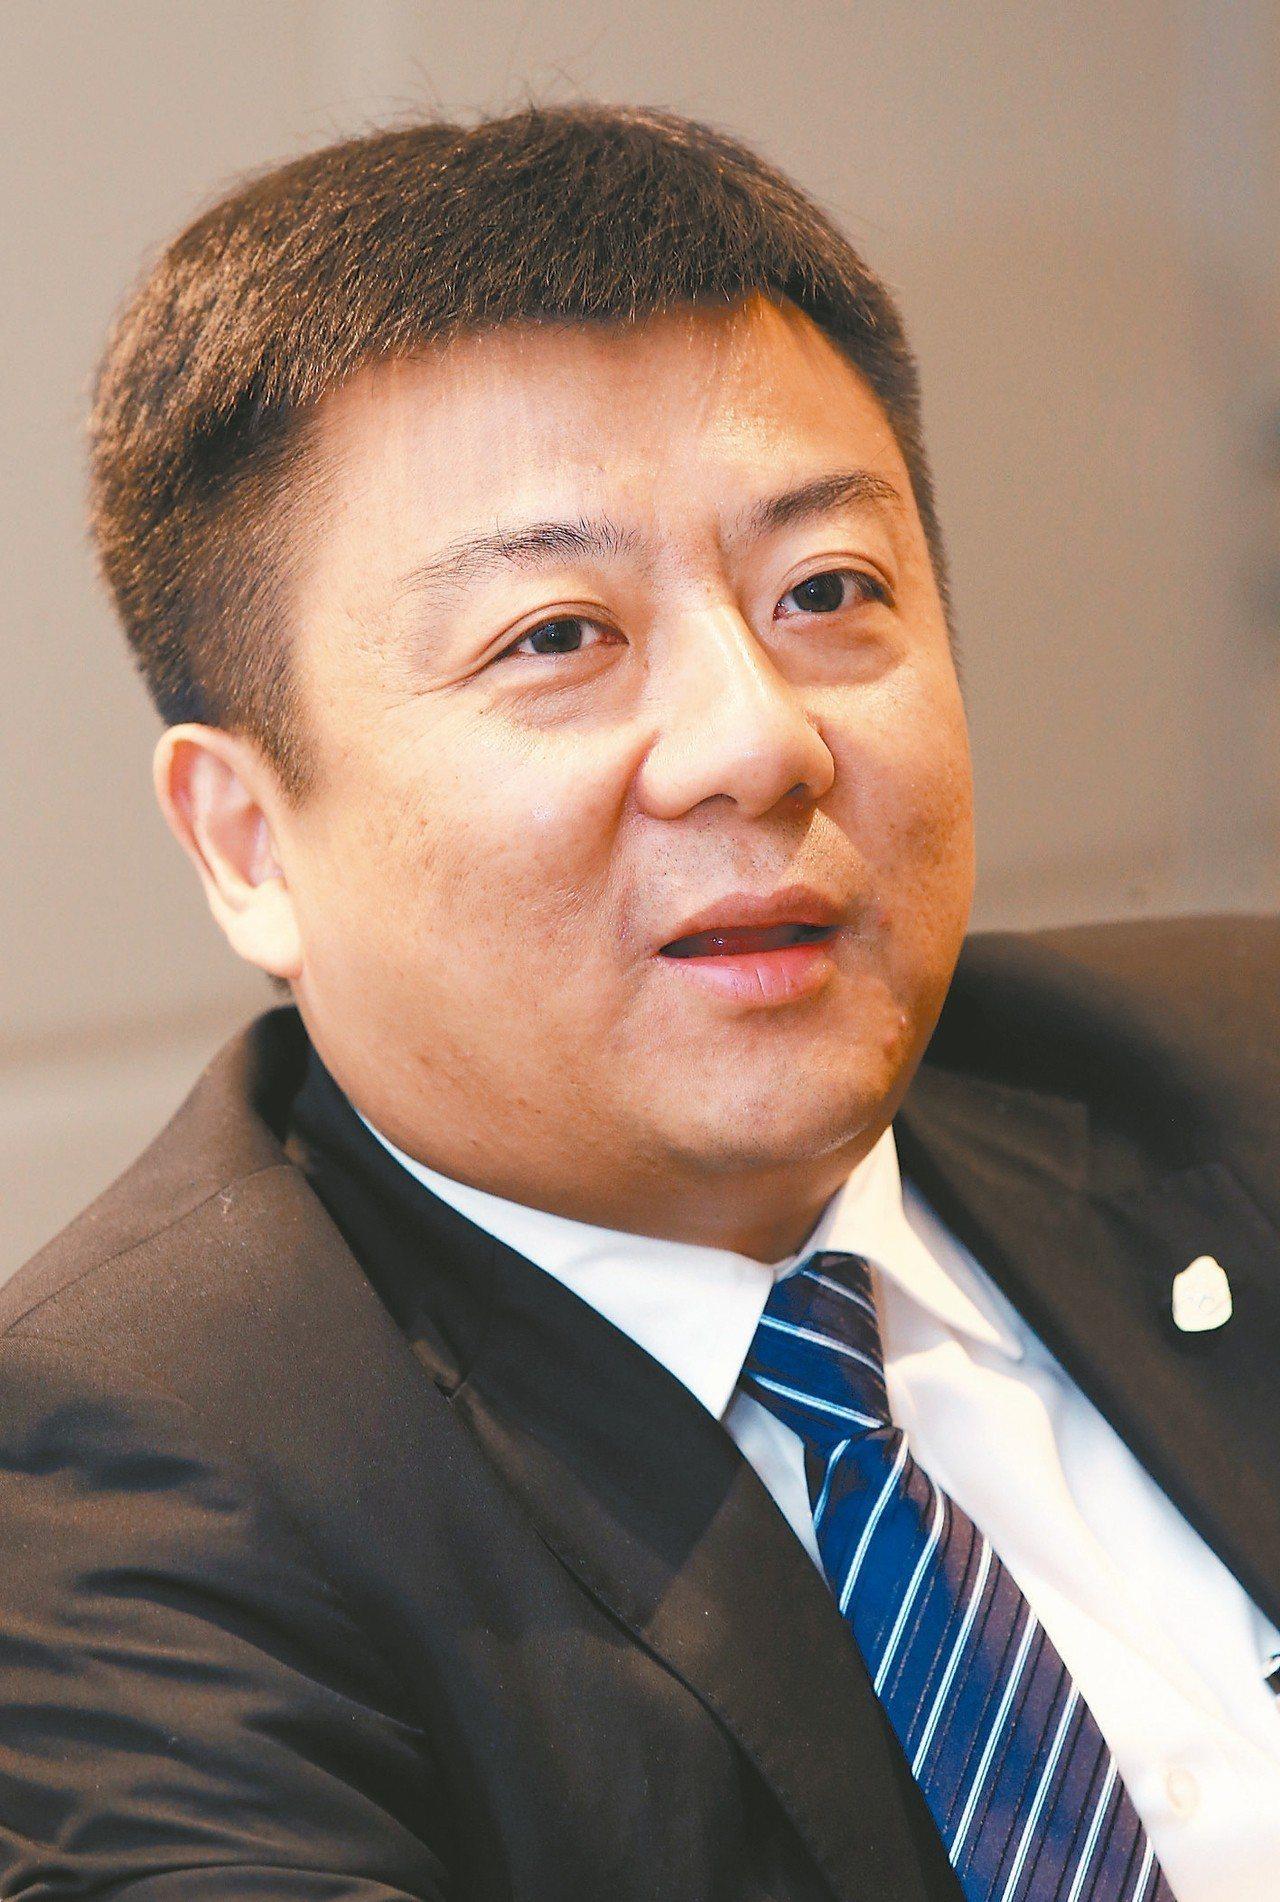 昆山市長杜小剛,昨天升任昆山市委書記。 報系資料照